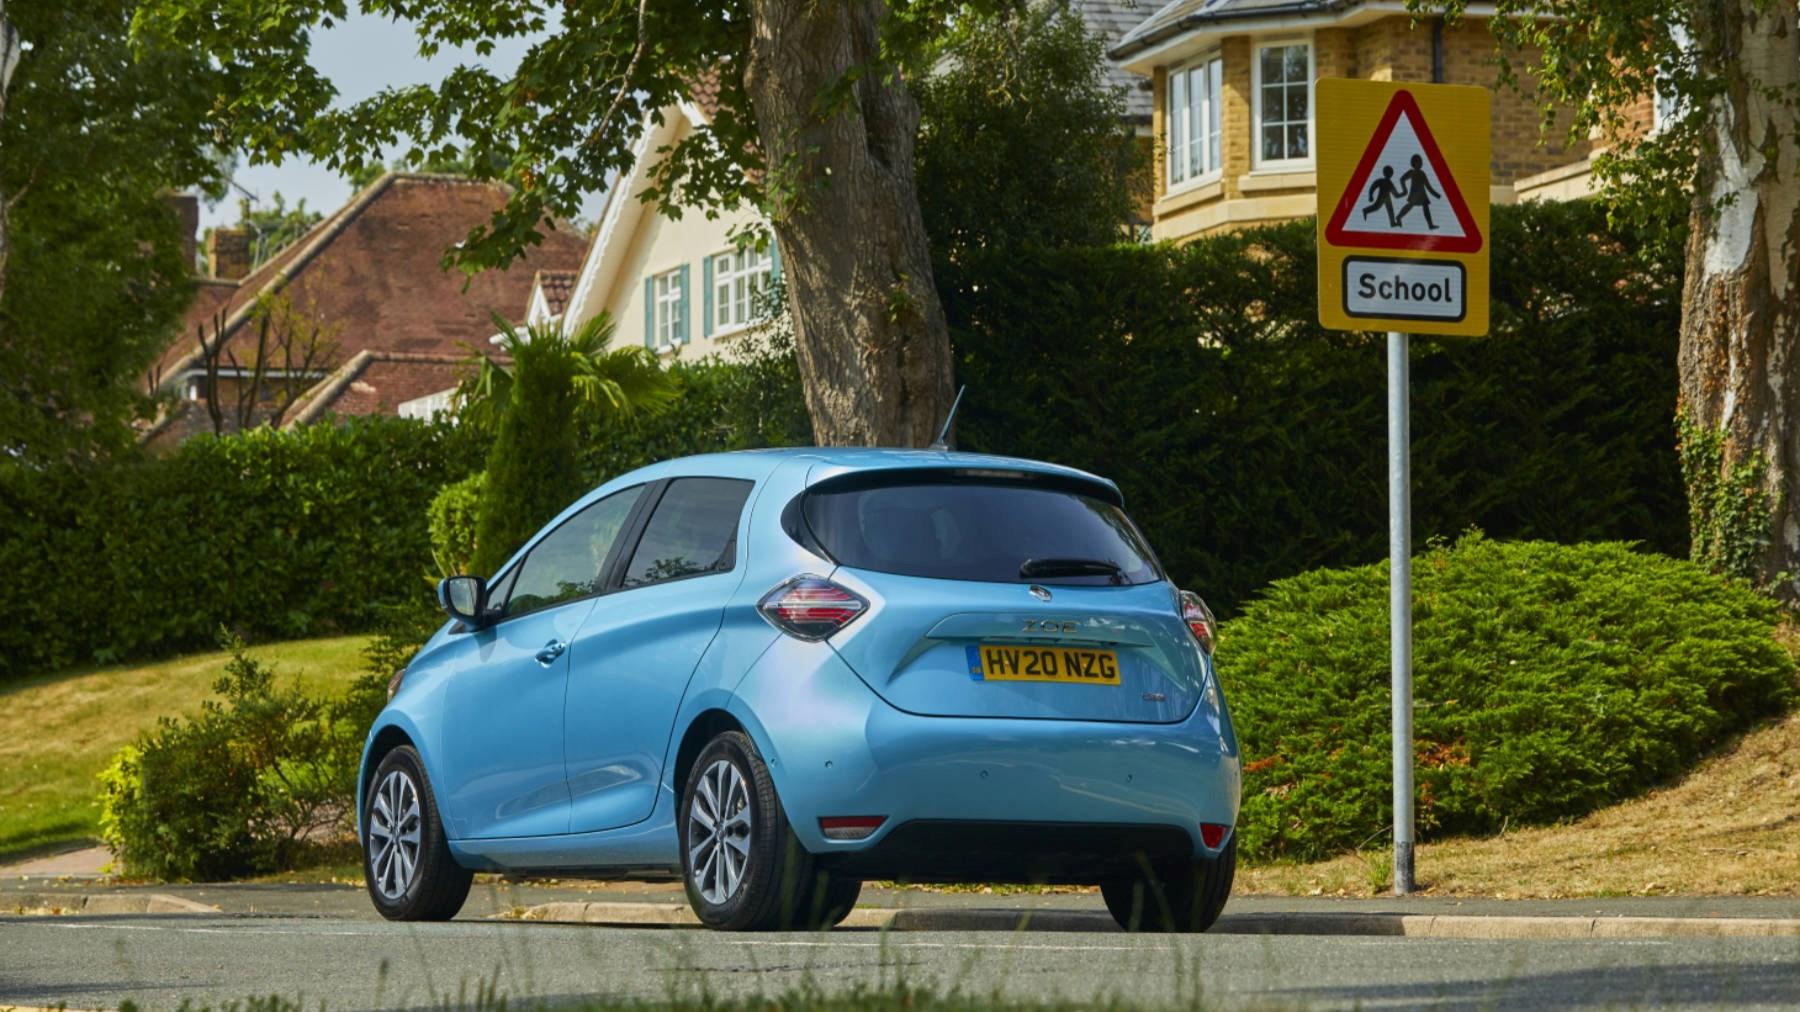 2021 Renault Zoe rear